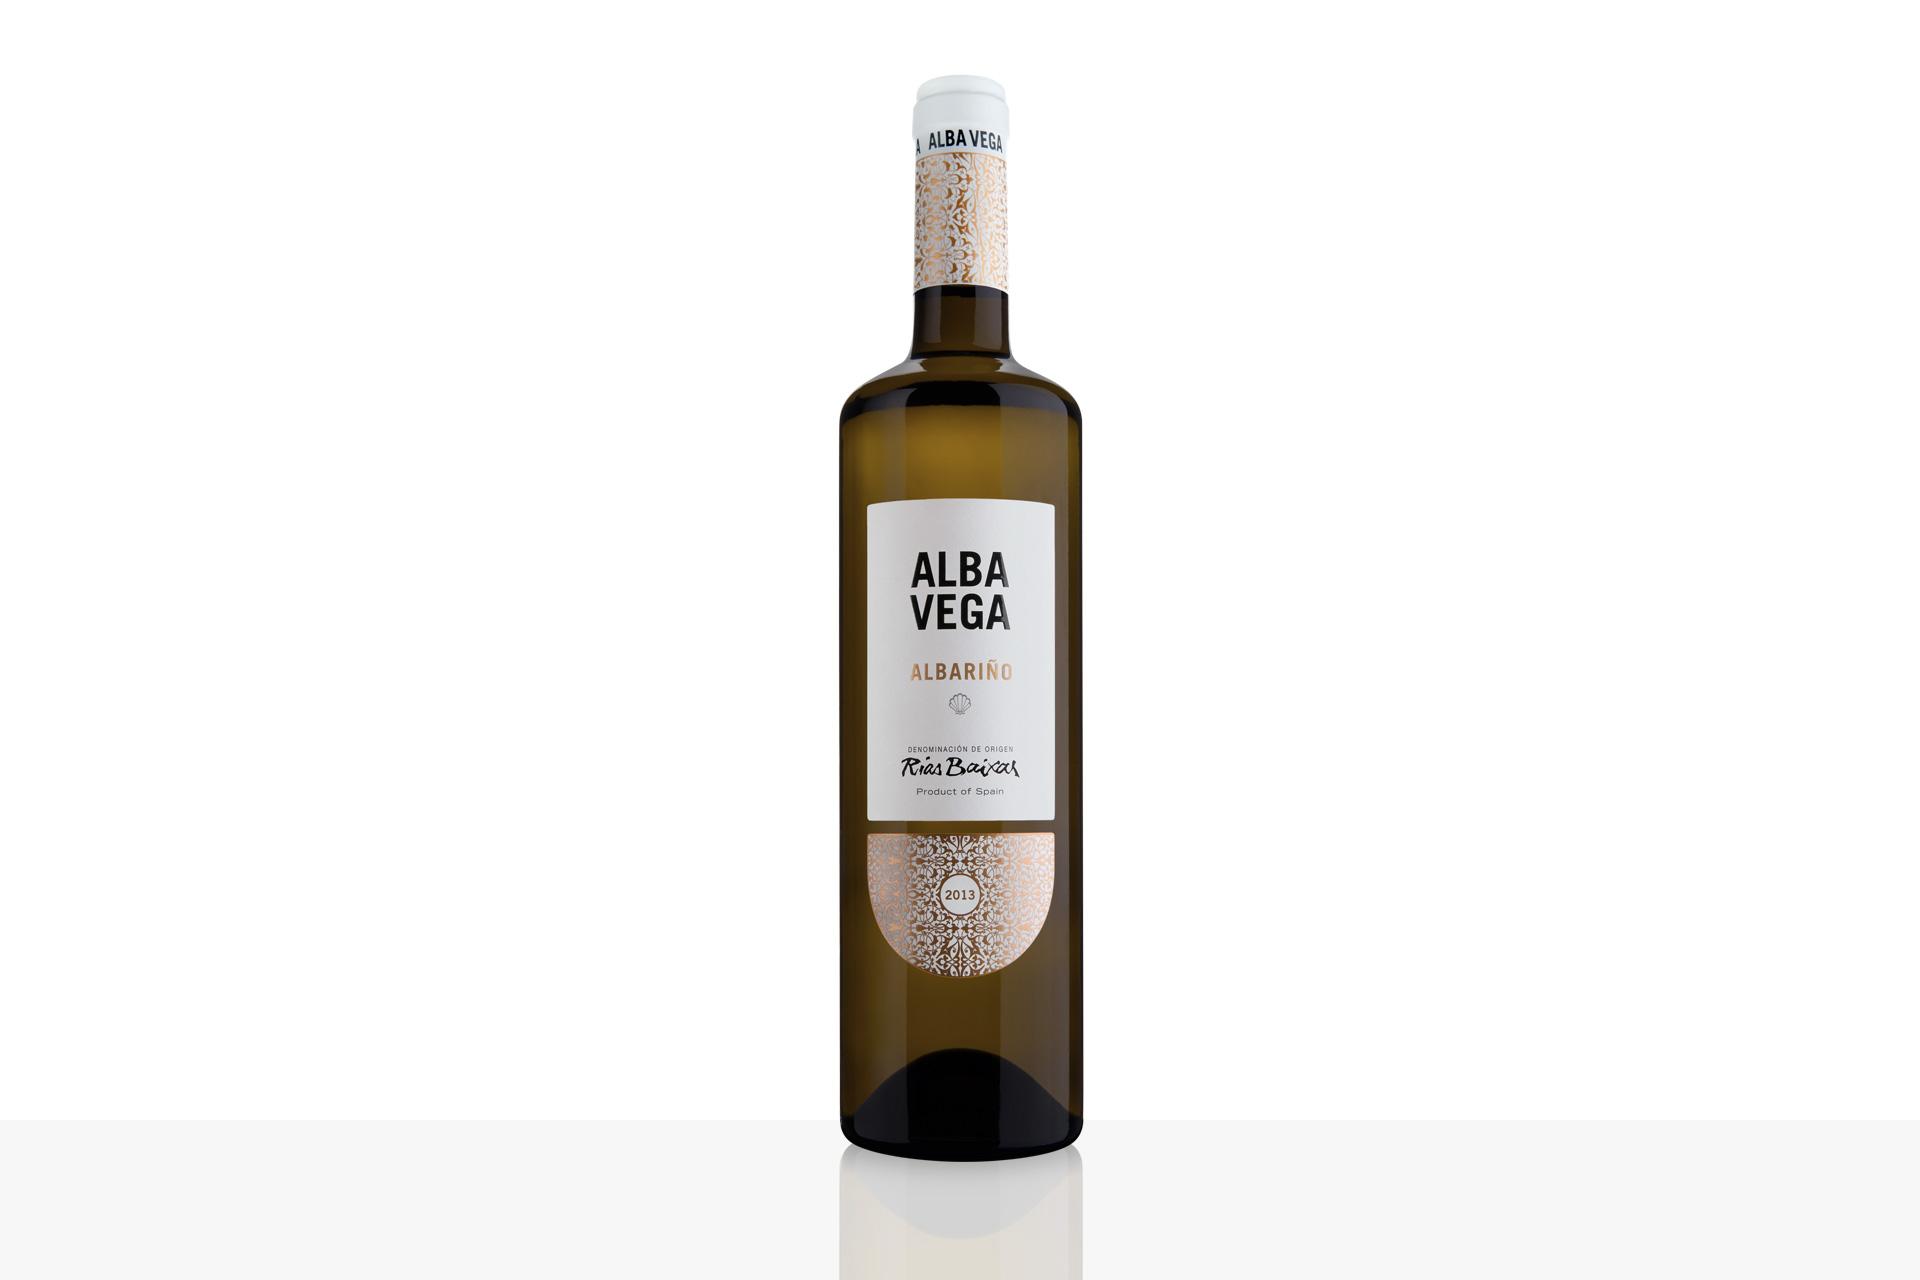 Alba Vega